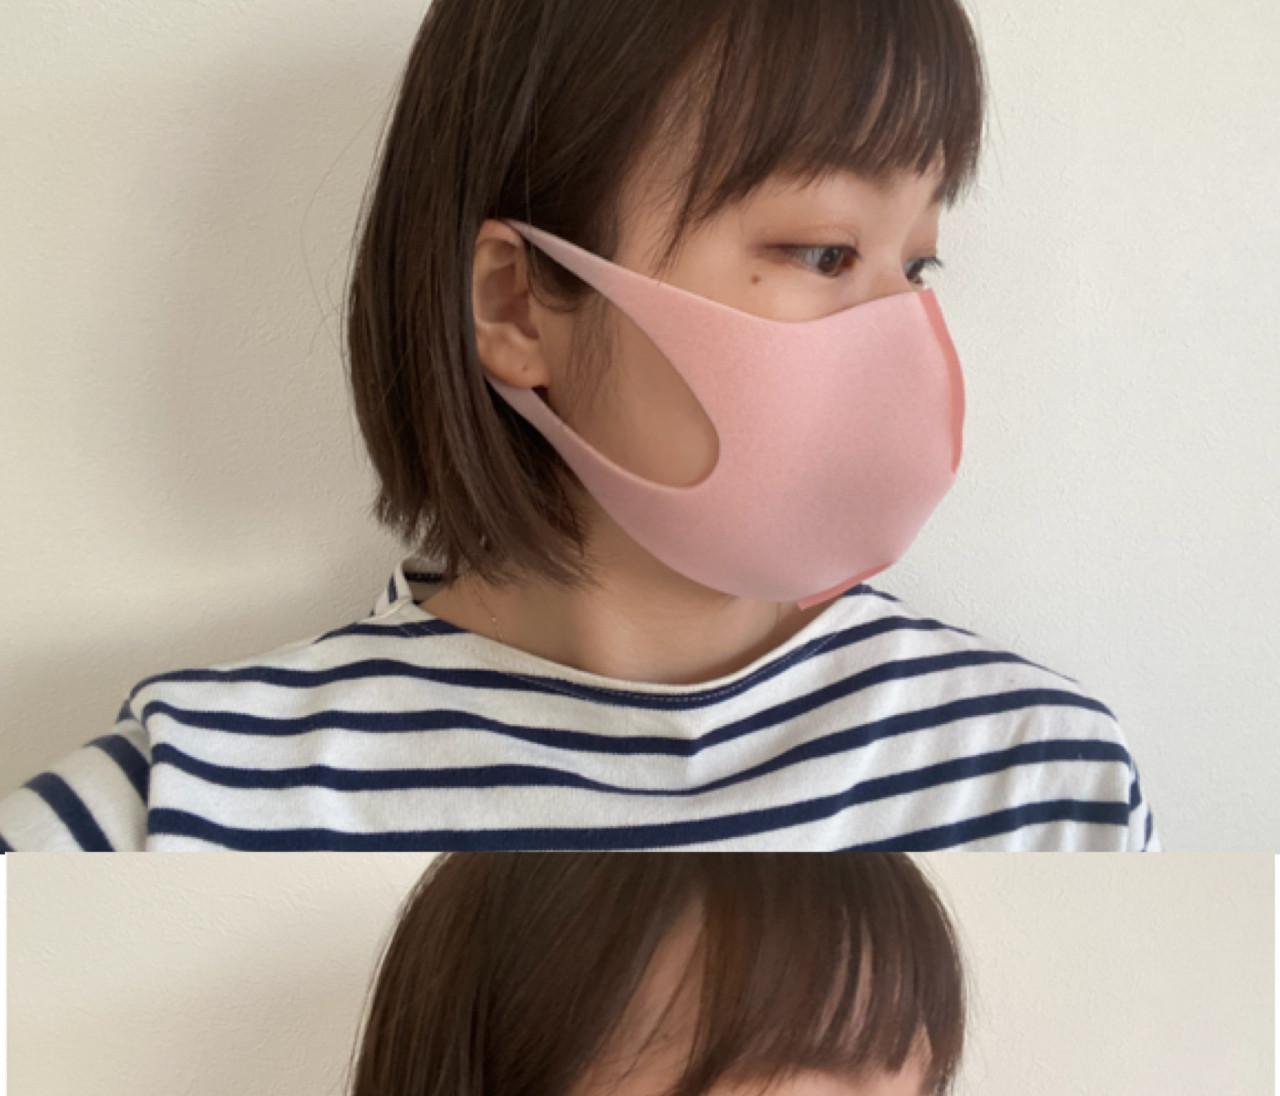 切り替えバイカラーで小顔効果!シェーディングマスクを始めました!